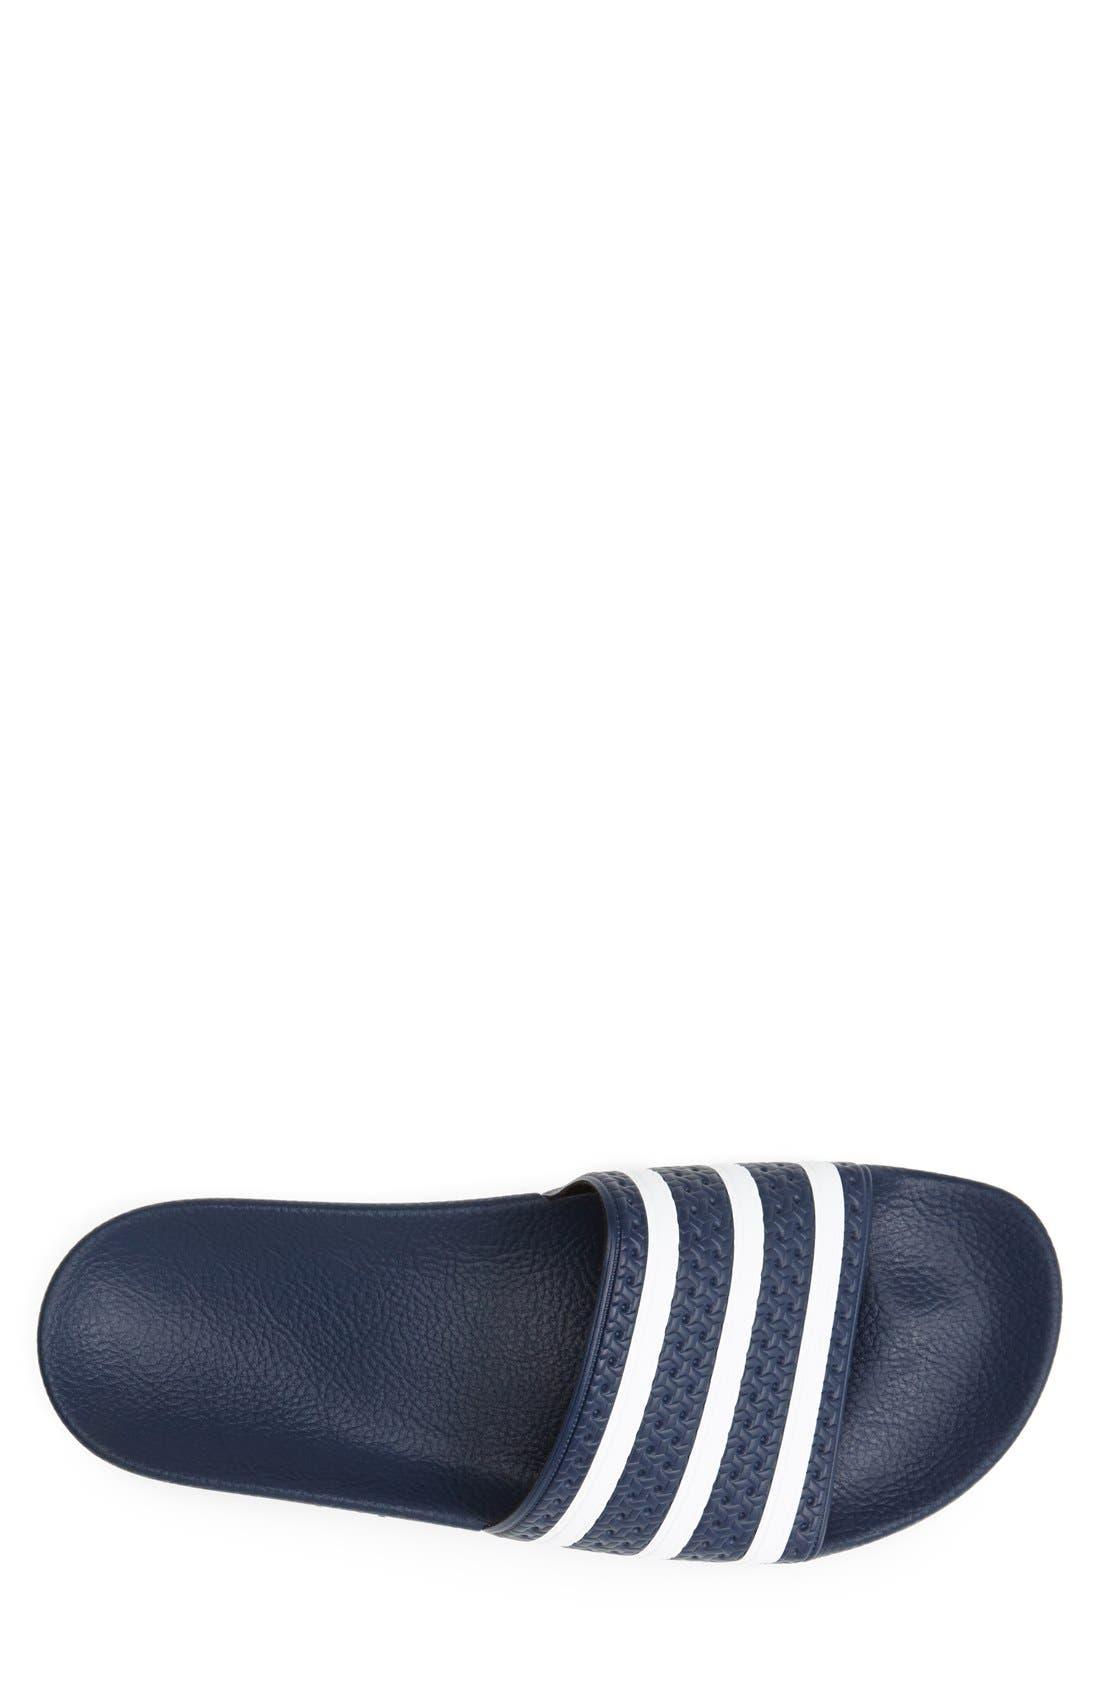 Alternate Image 3  - adidas 'Adilette' Slide Sandal (Men)